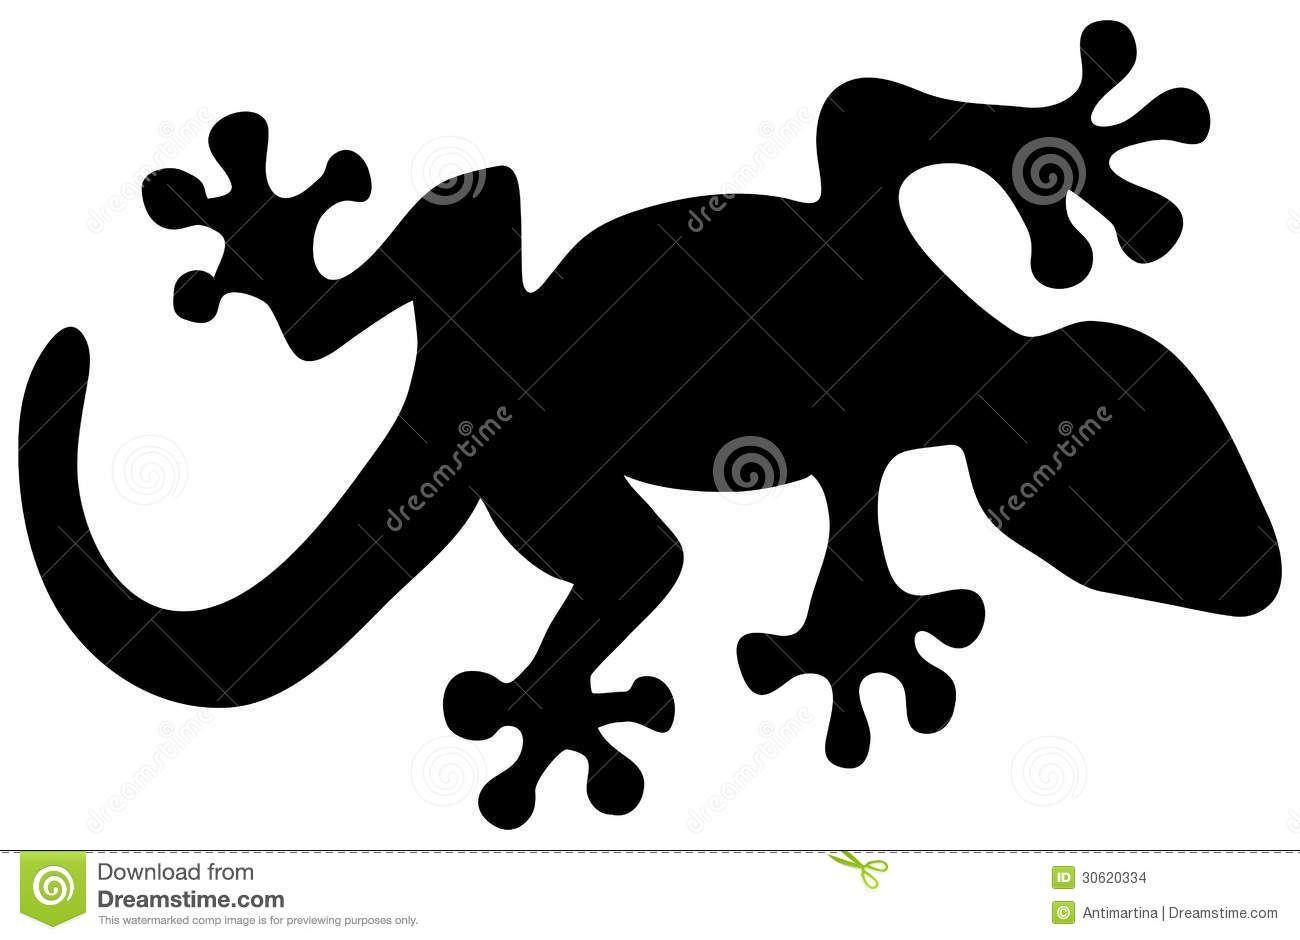 silueta del lagarto tattoos pinterest silhouette stencils and